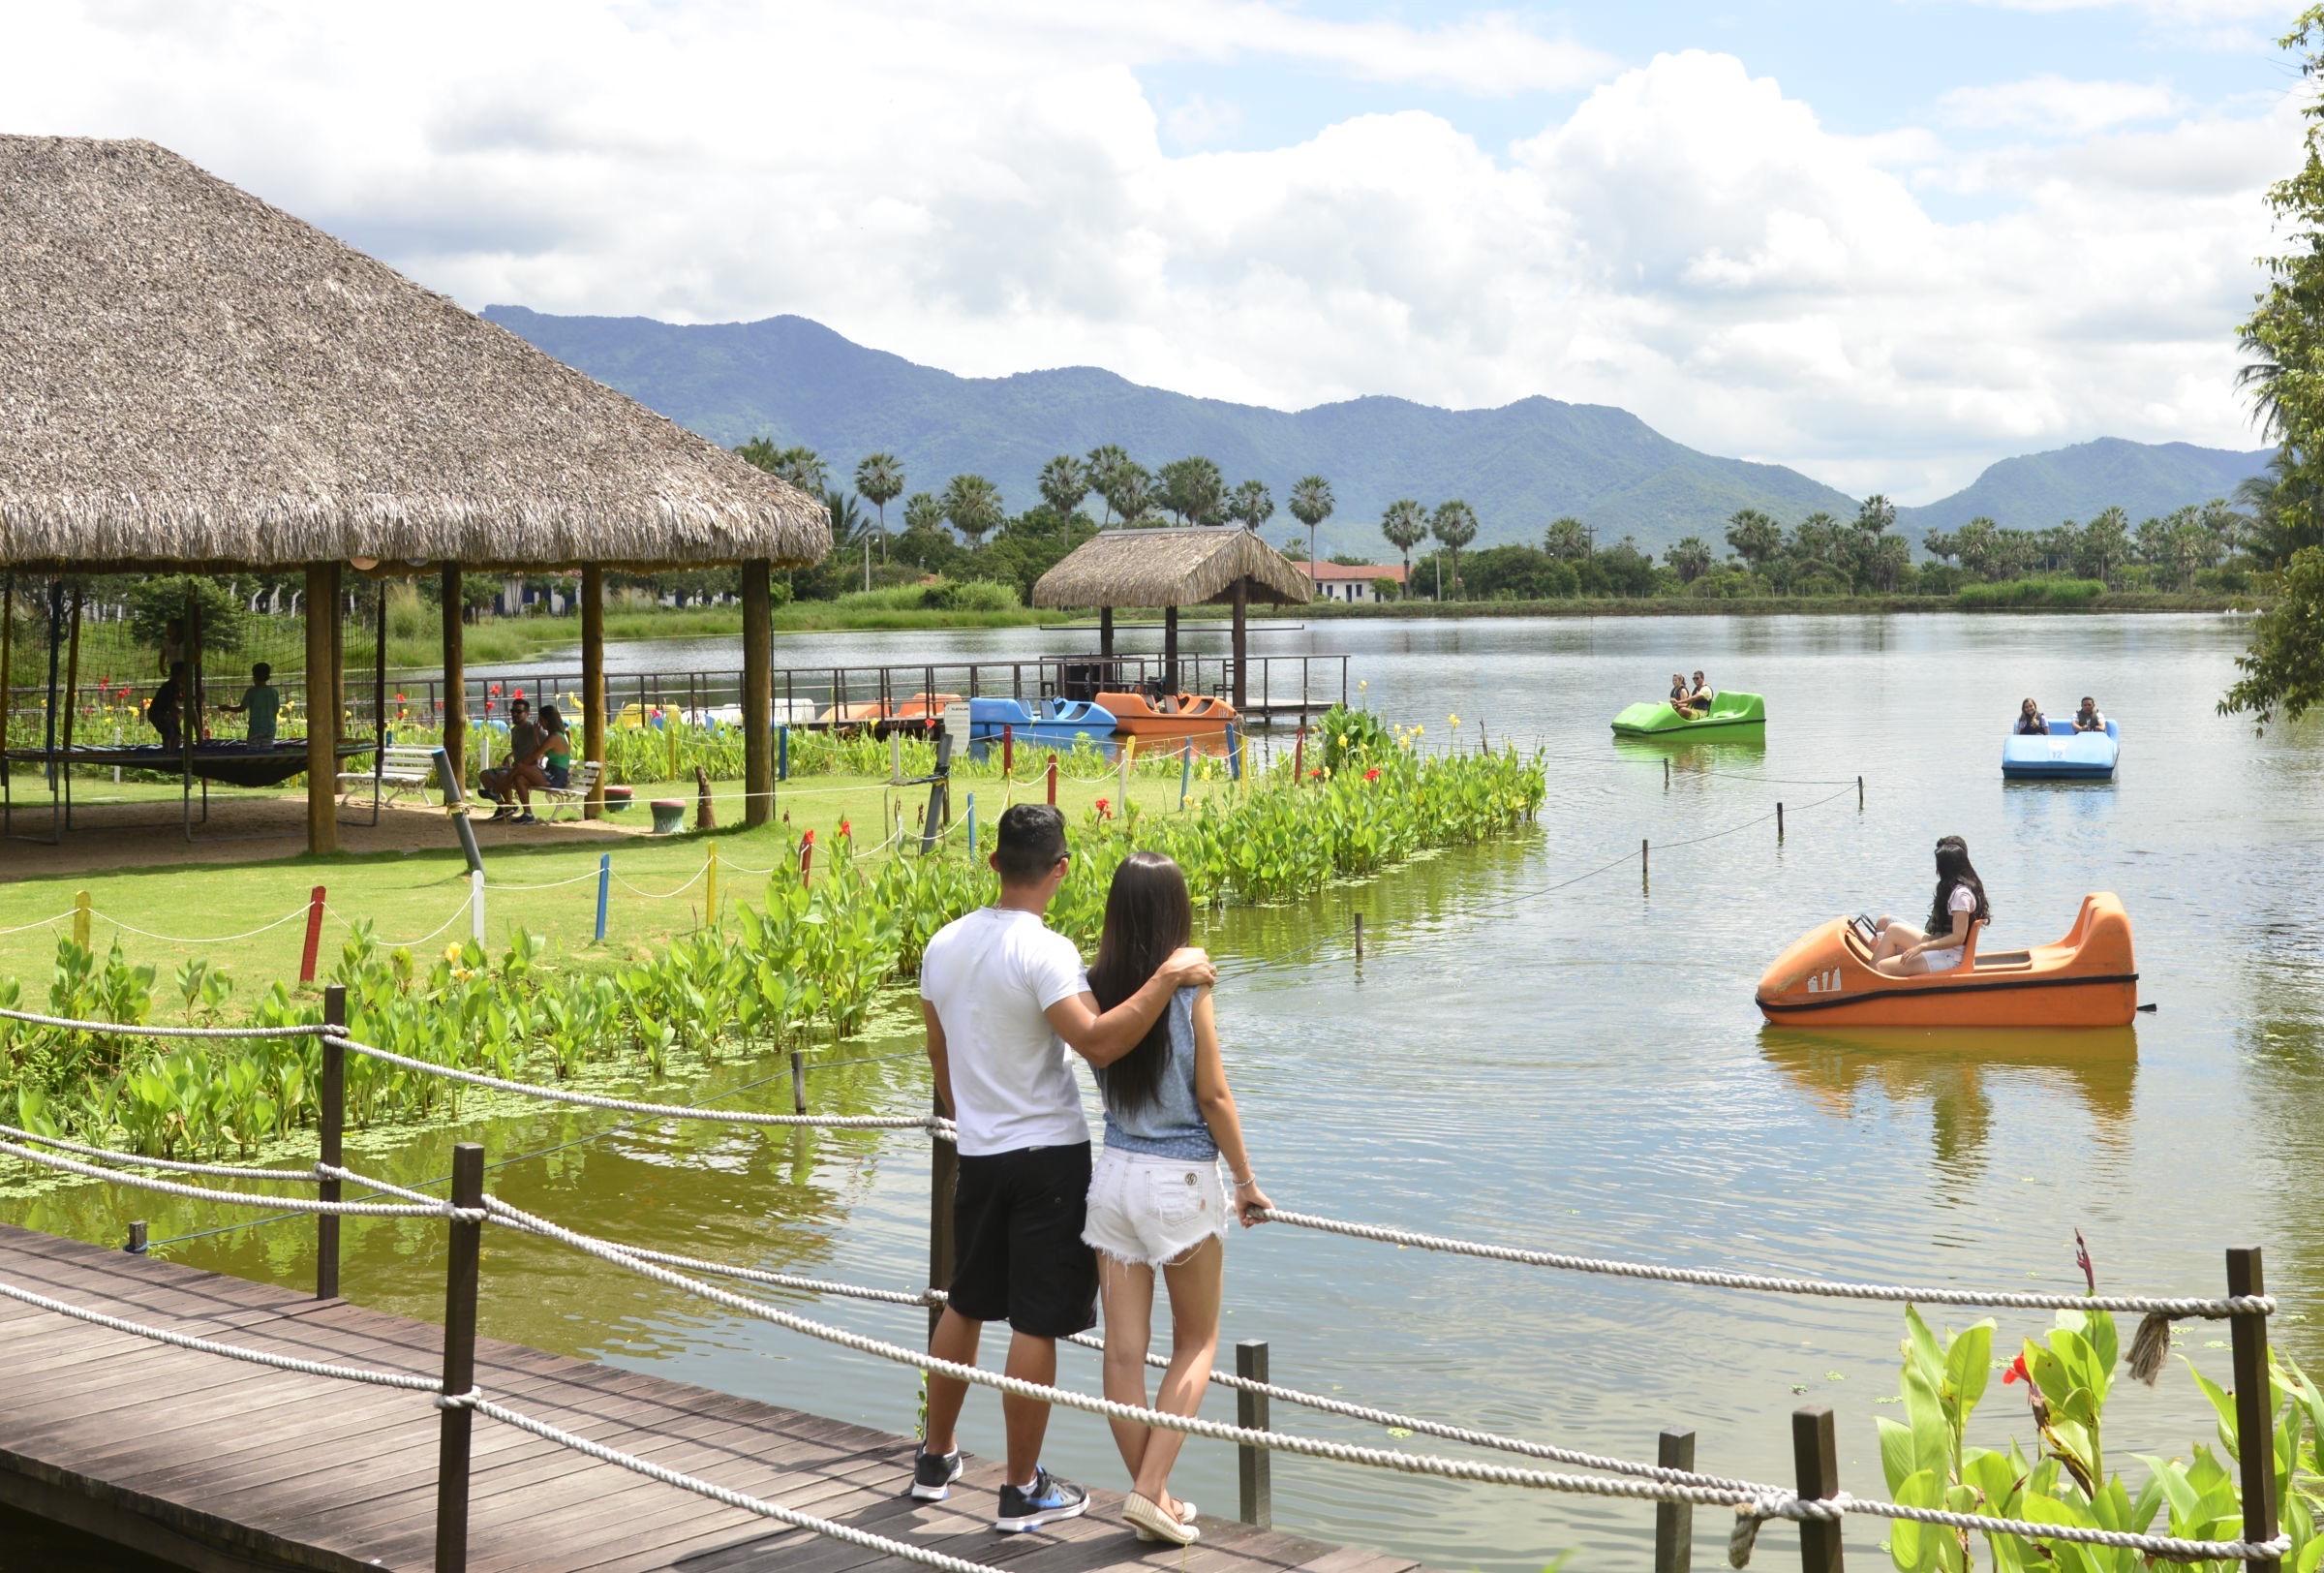 Ingresso de entrada no iPark + 1 Passeio de pedalinho no lago + Banho de piscina de pedra (água natural) + Banho no lago é muito mais por apenas 29,99